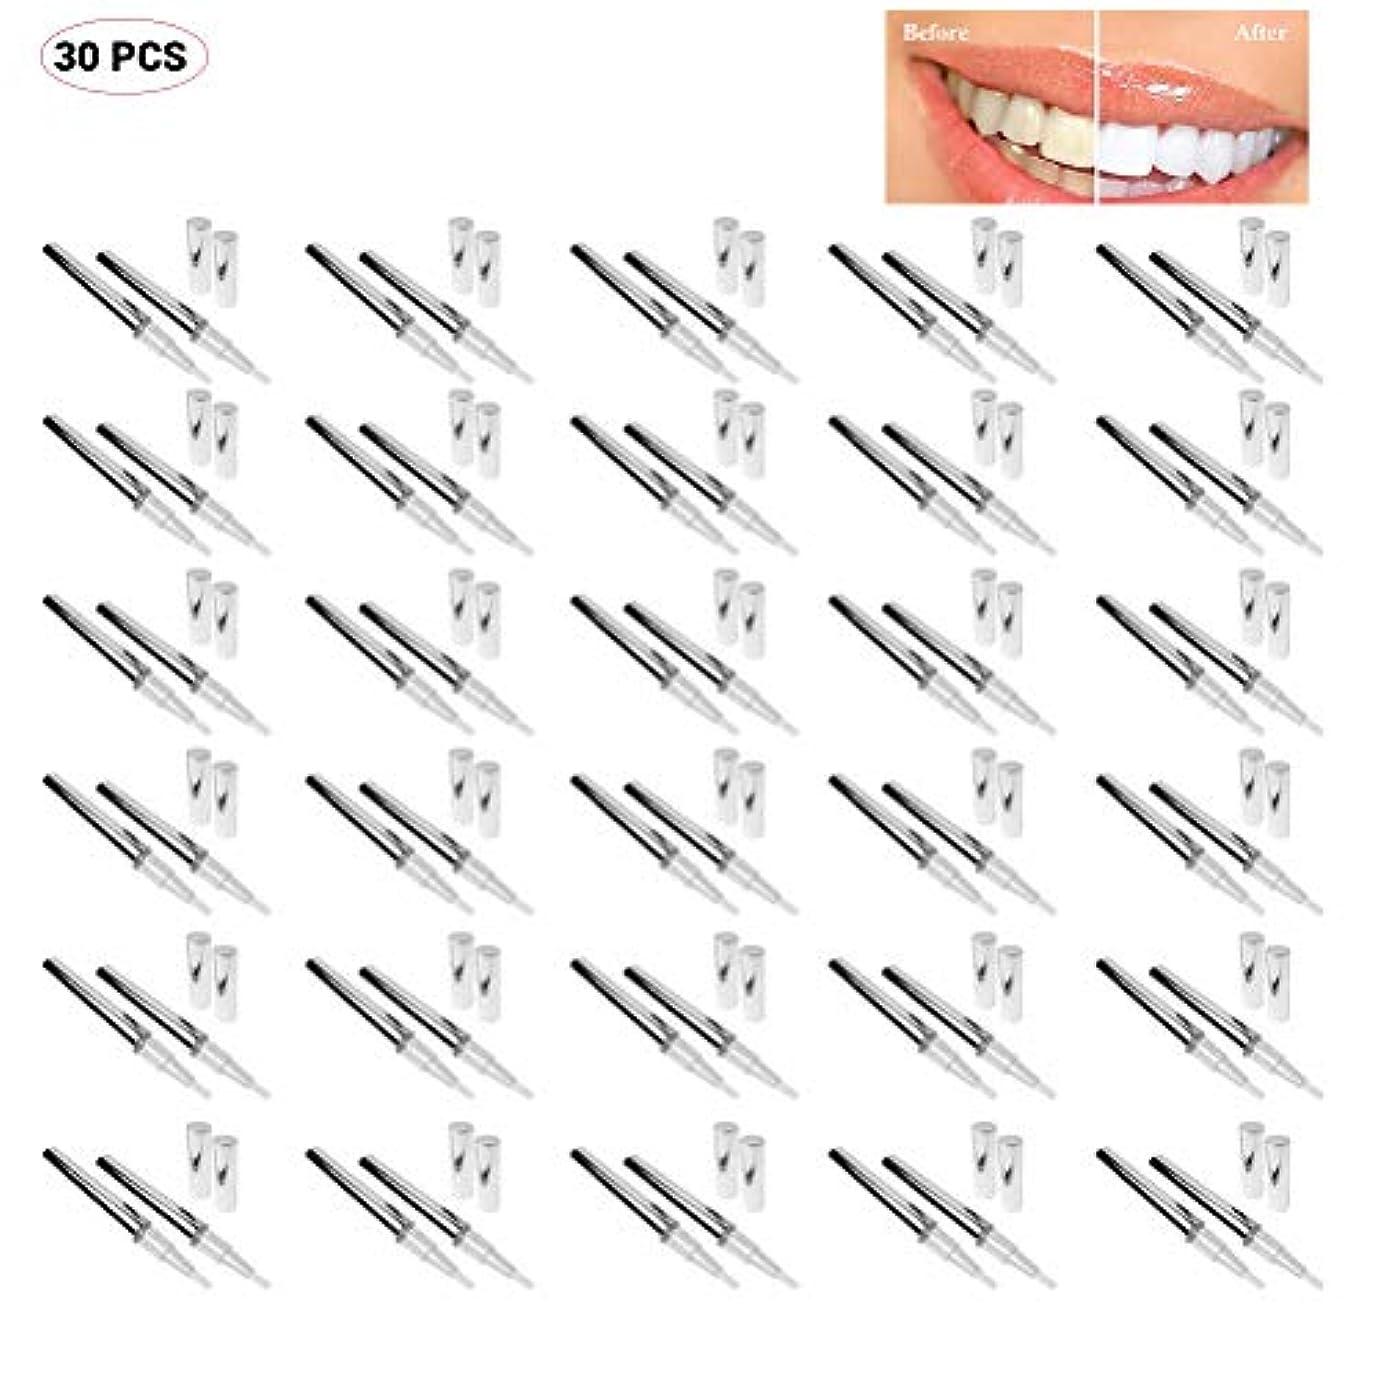 コピーエスカレートコンテストOurine 歯の消しゴム ホワイトニング 美白歯ゲル 美人歯 白い歯 歯を白くする 輝く笑顔 口臭防止 歯周病防止 エッセンス 30個セット